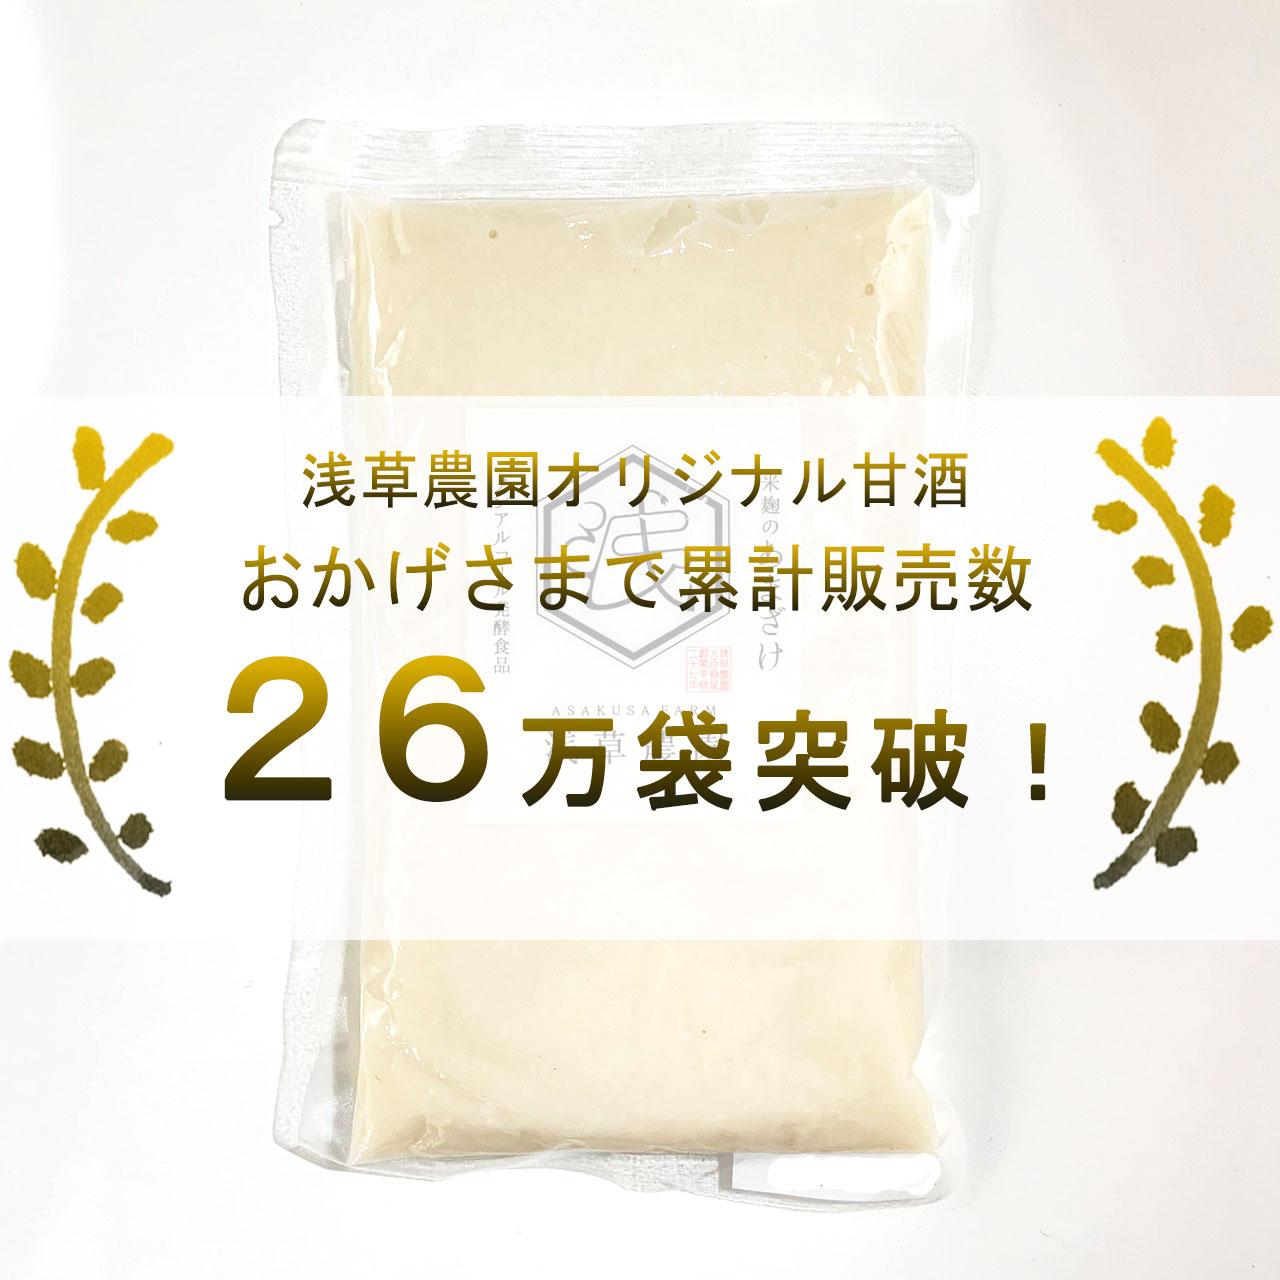 20袋セット 甘酒生活 米こうじ甘酒 360g 浅草農園オリジナル